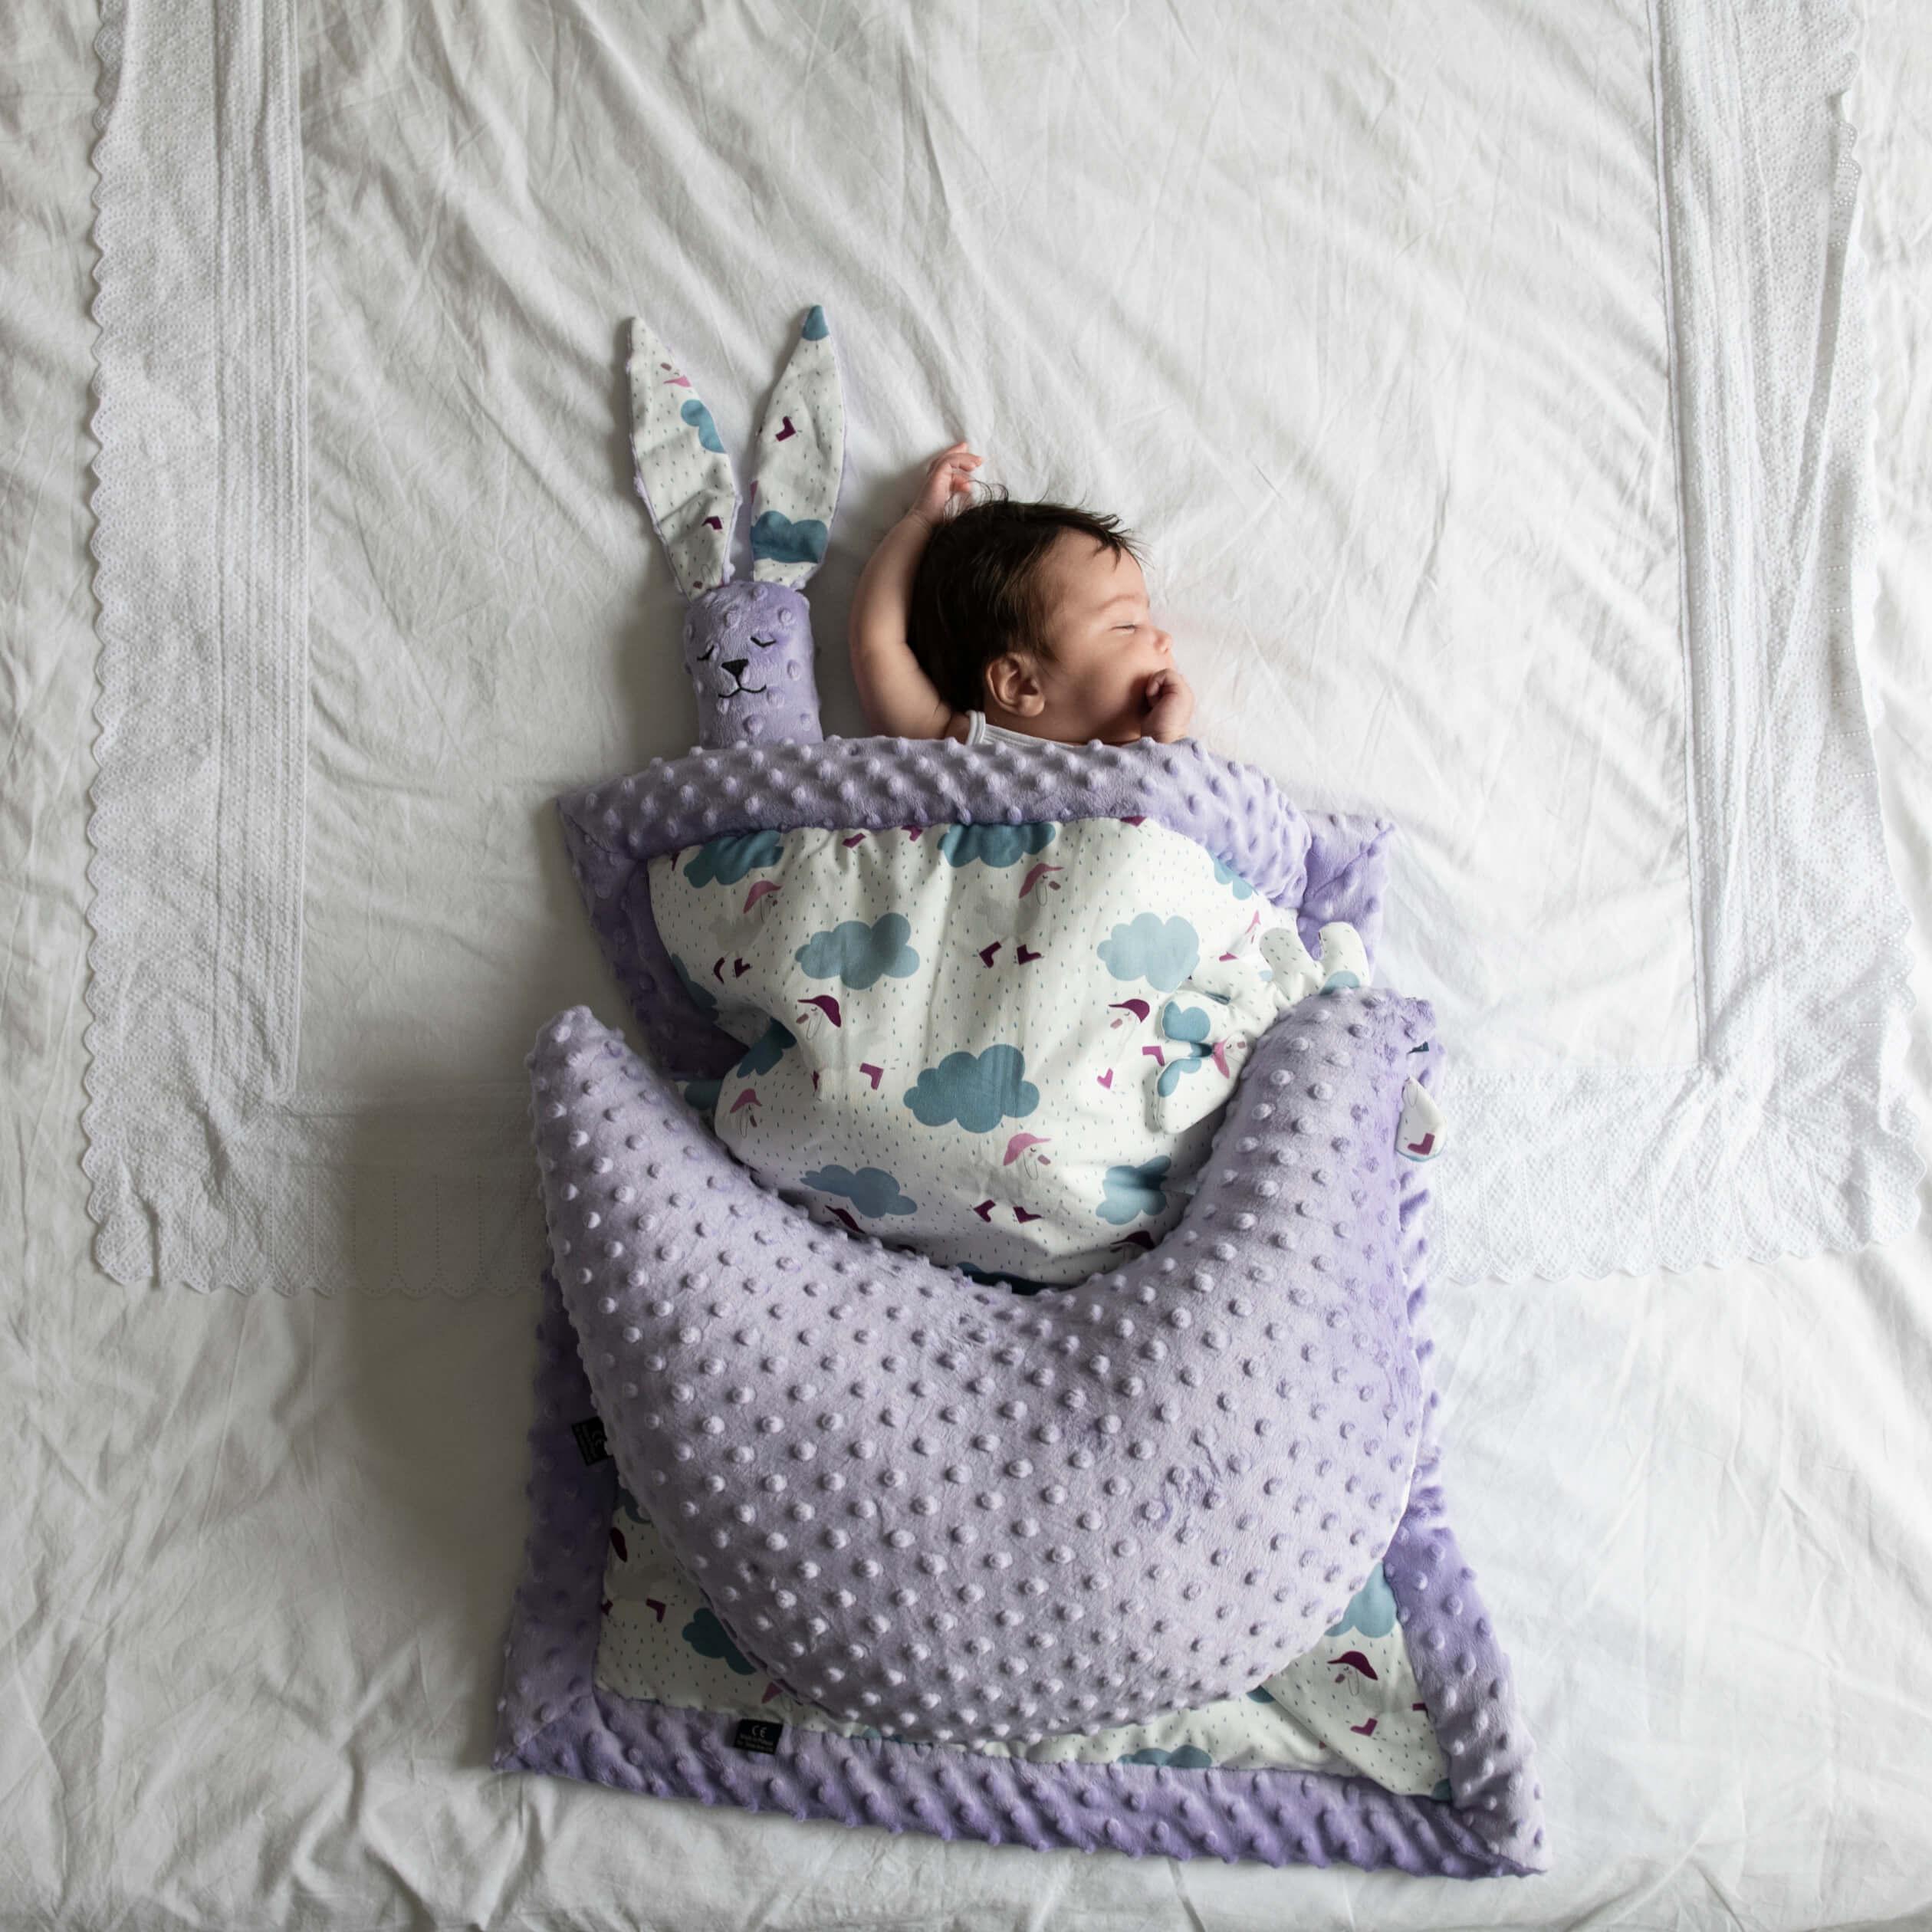 嬰兒玩具推薦開發寶貝潛能